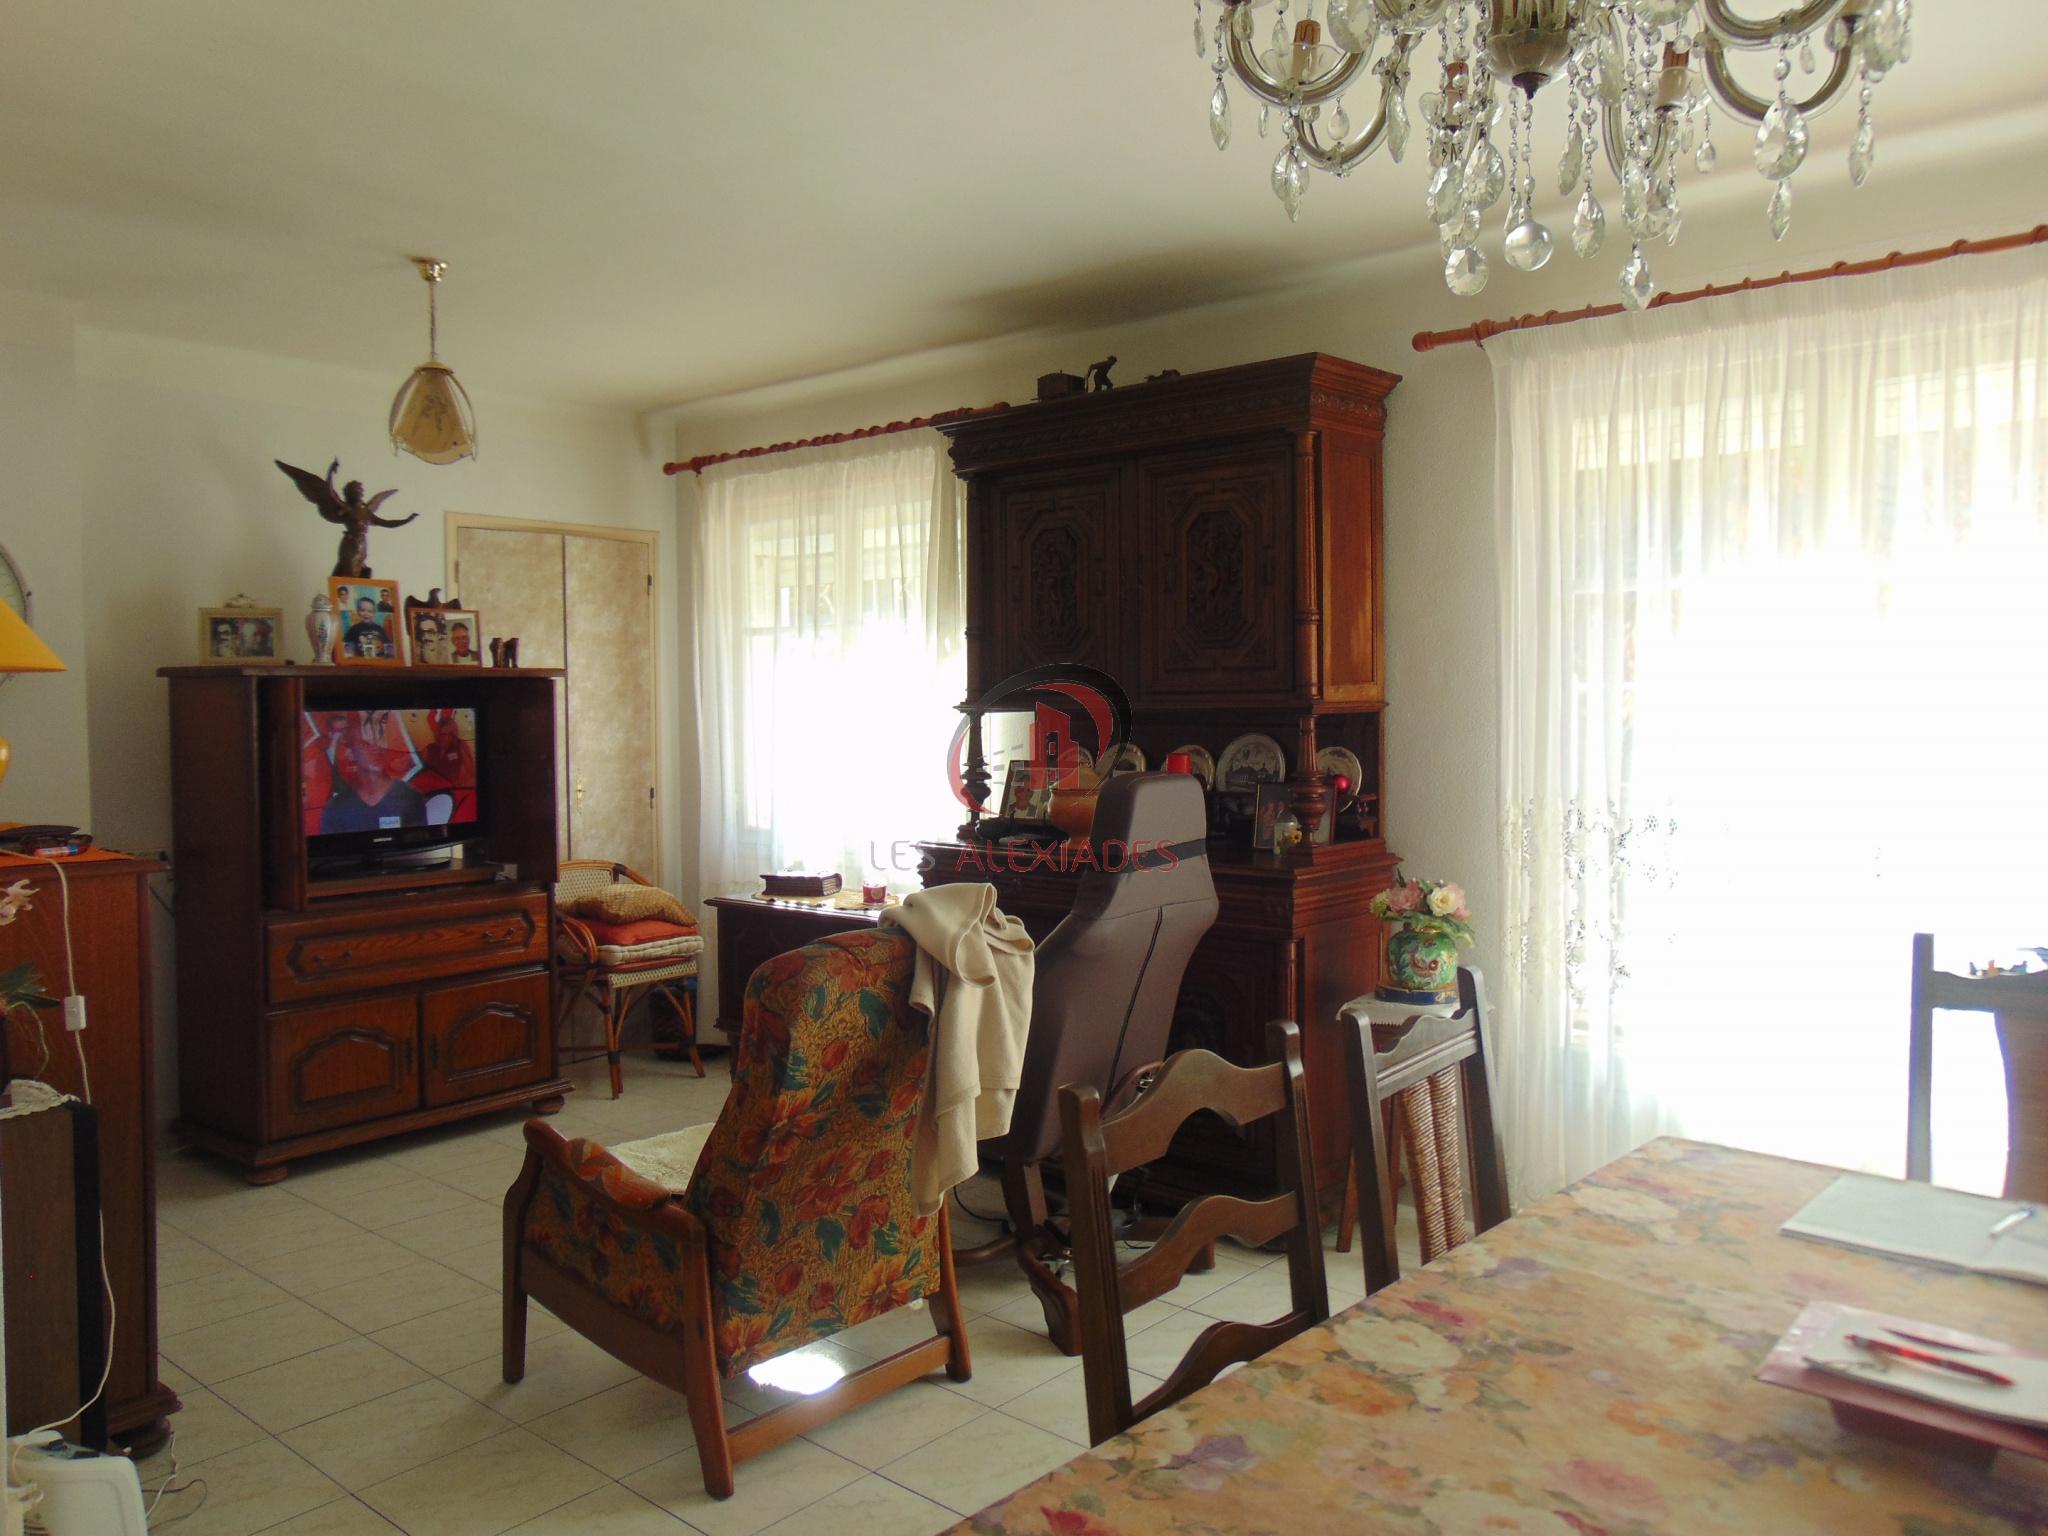 Vente maison de 80 m2 six fours les plages 400000 euros - Maison a 80 000 euros ...